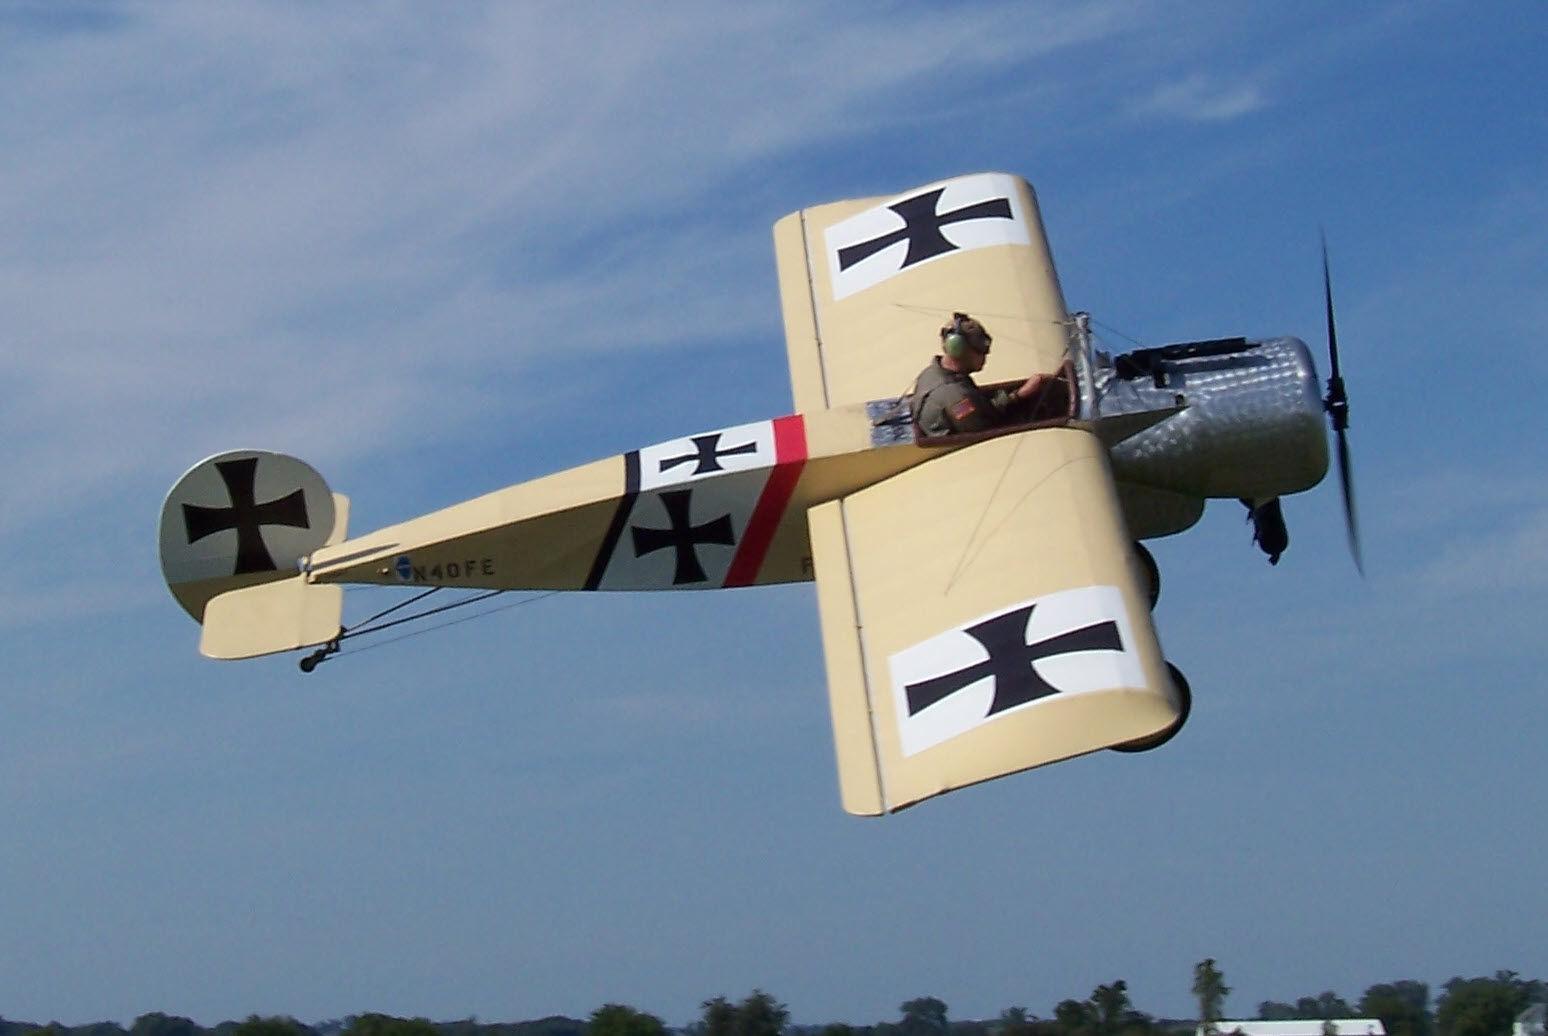 ¿ Cuál de estos aviones no disparaba a través de su hélice?